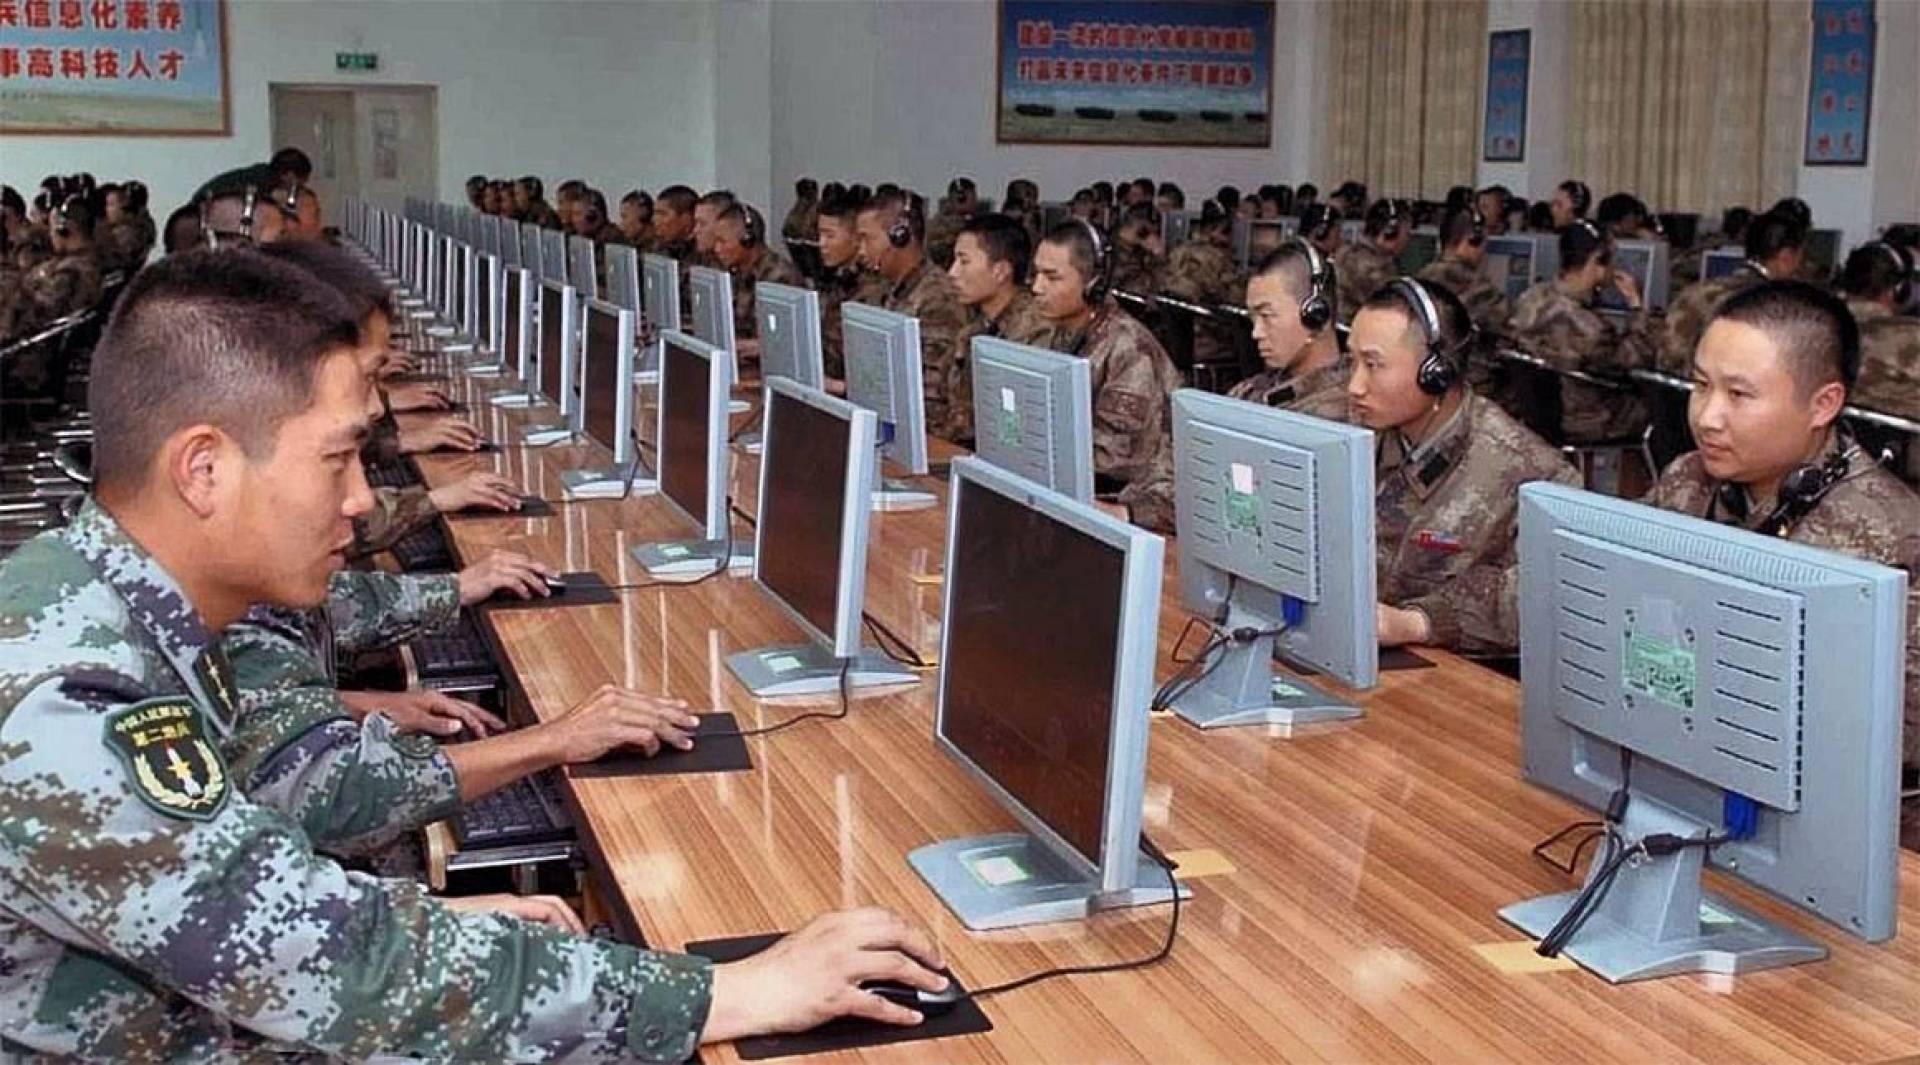 تايوان تتهم الصين بشن «حرب إلكترونية» لعرقلة مكافحة فيروس كورونا